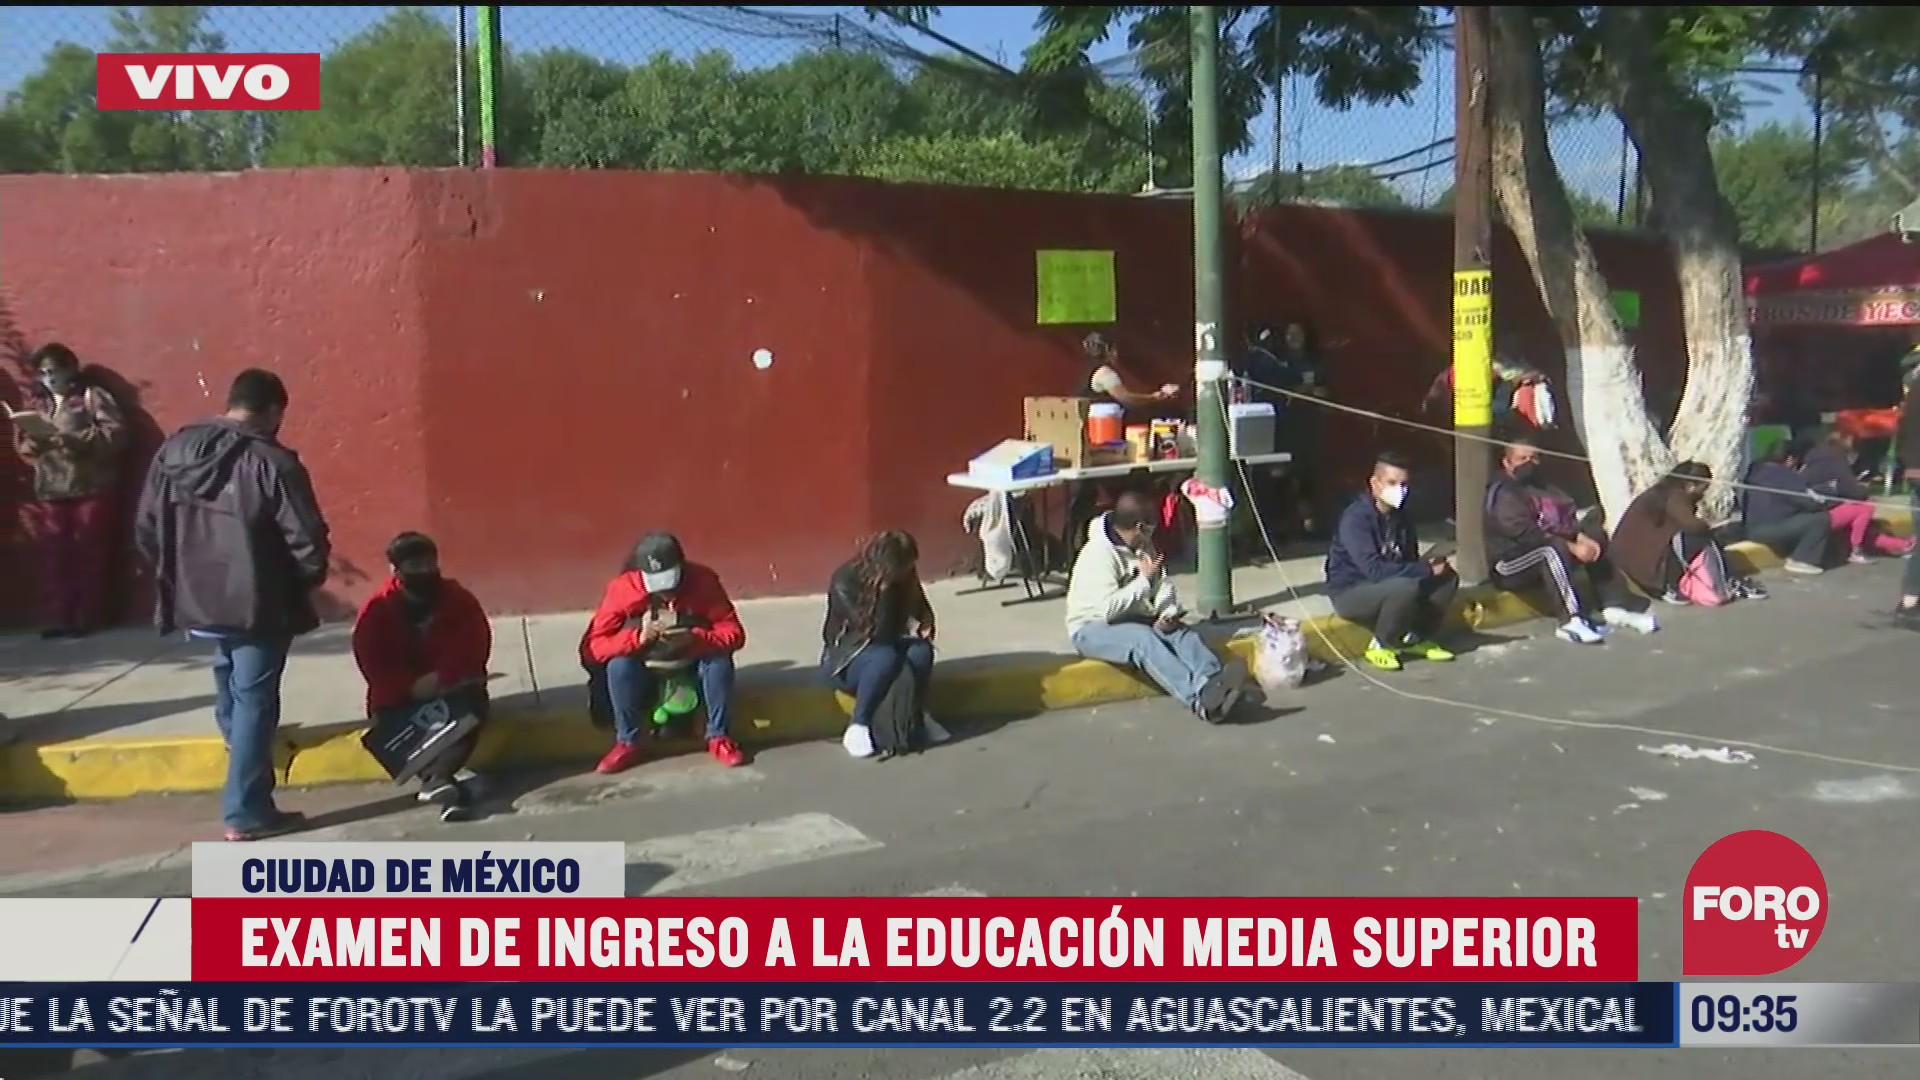 estudiantes realizan examen de ingreso a educacion media superior